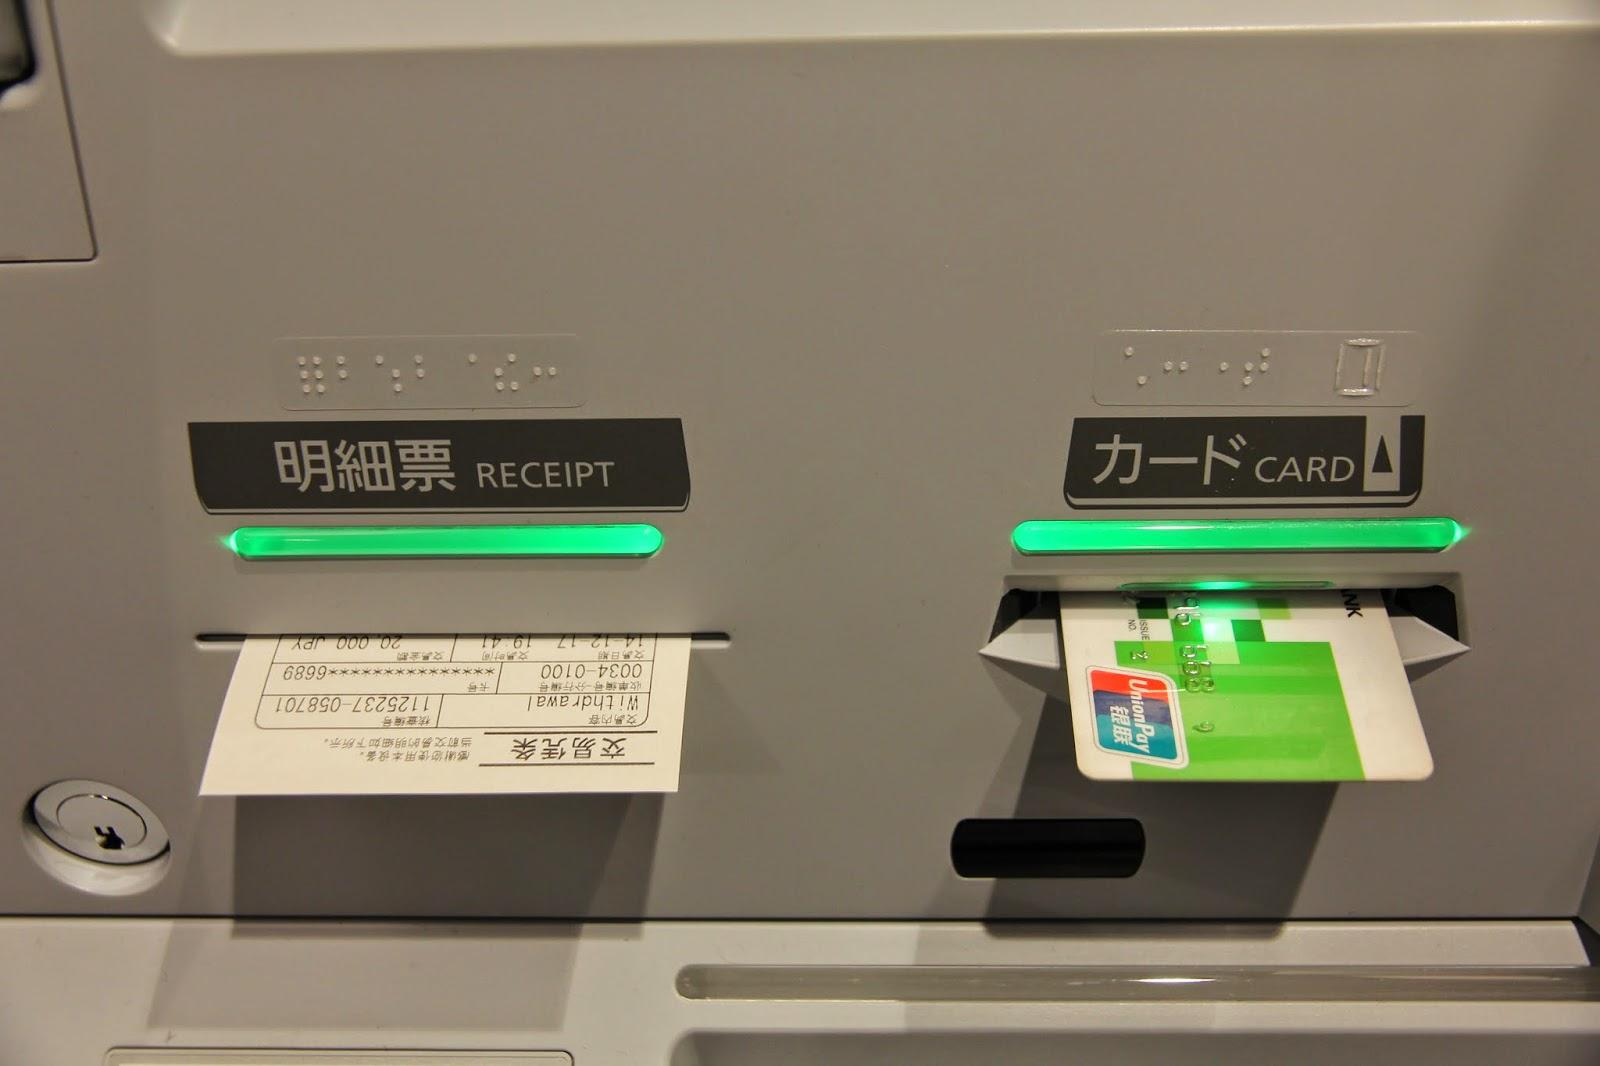 林公子生活遊記: 日本 銀行 ATM 銀聯 提款 (香港提款卡 在 日本櫃員 機提款) 郵局 便利店 全家 7-11 均可提款 visa ...